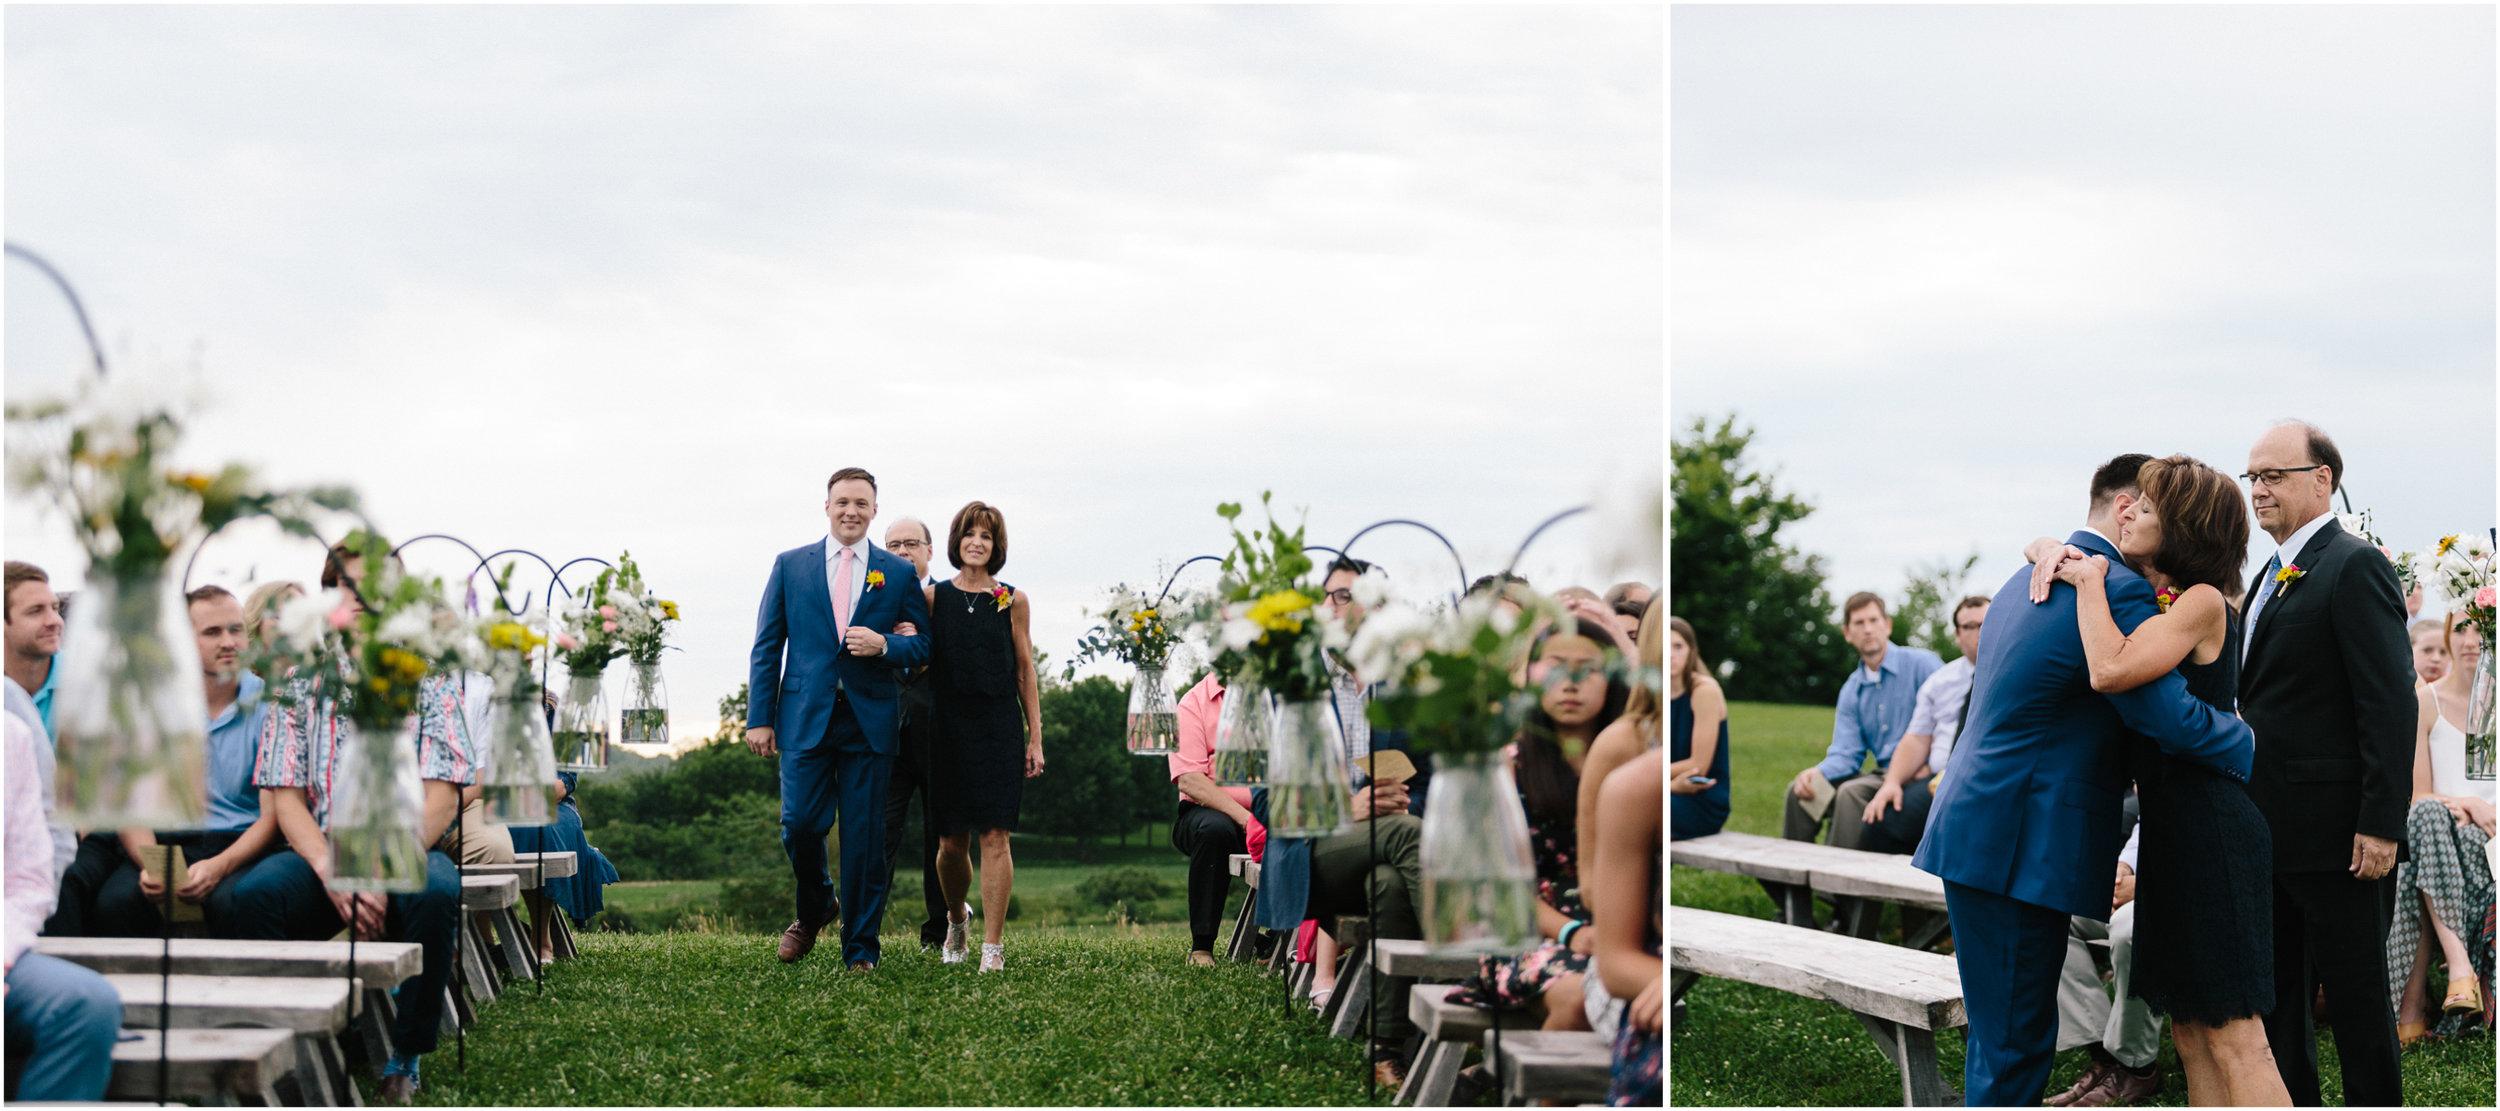 alyssa barletter photography weston missouri bright summer wedding allie and alex cole-34.jpg